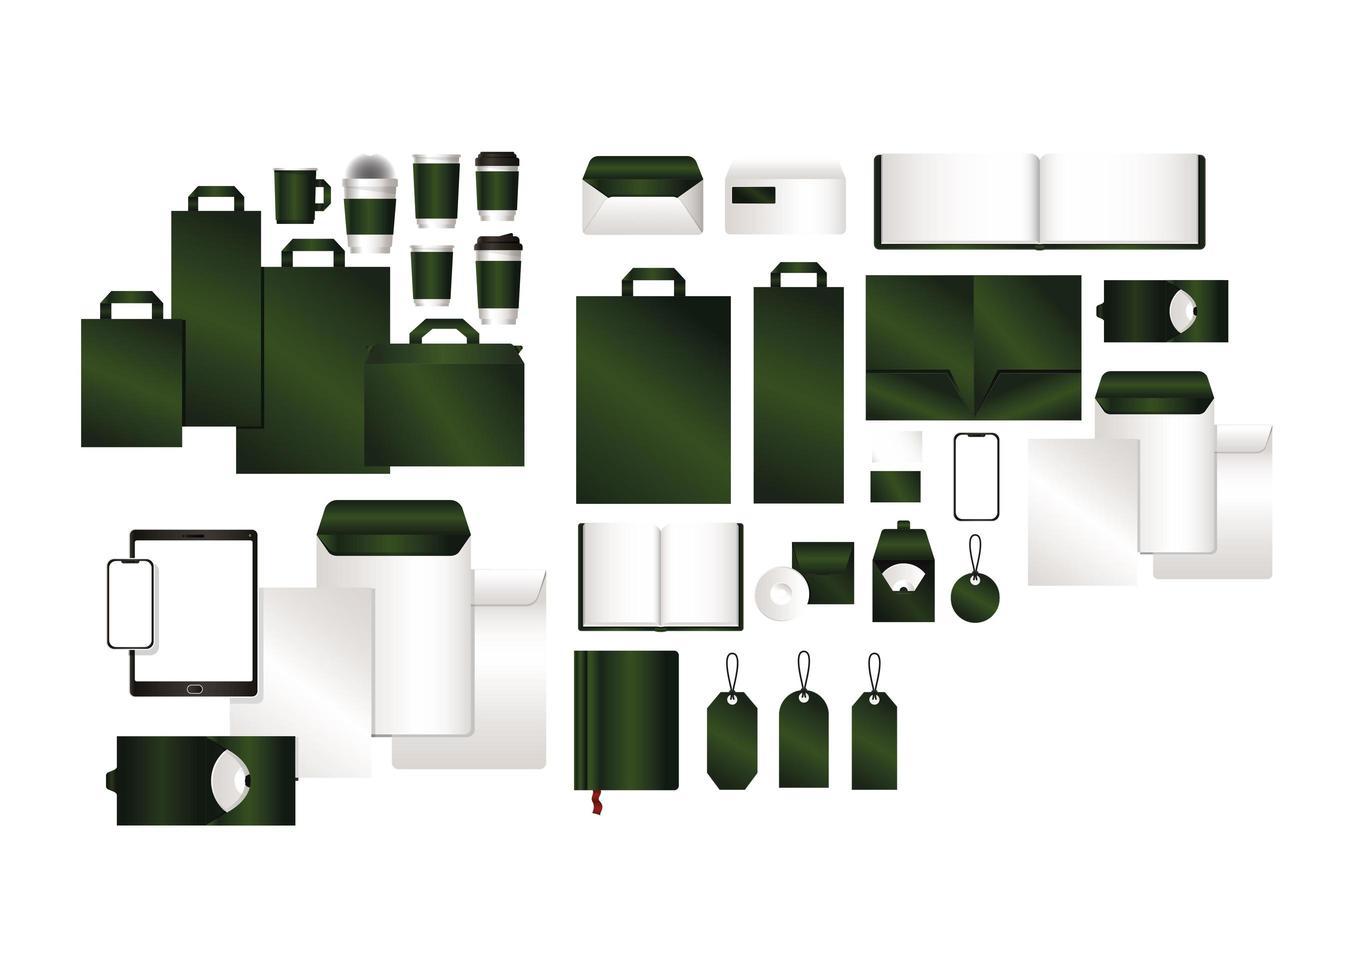 maquette avec un design de marque vert vecteur